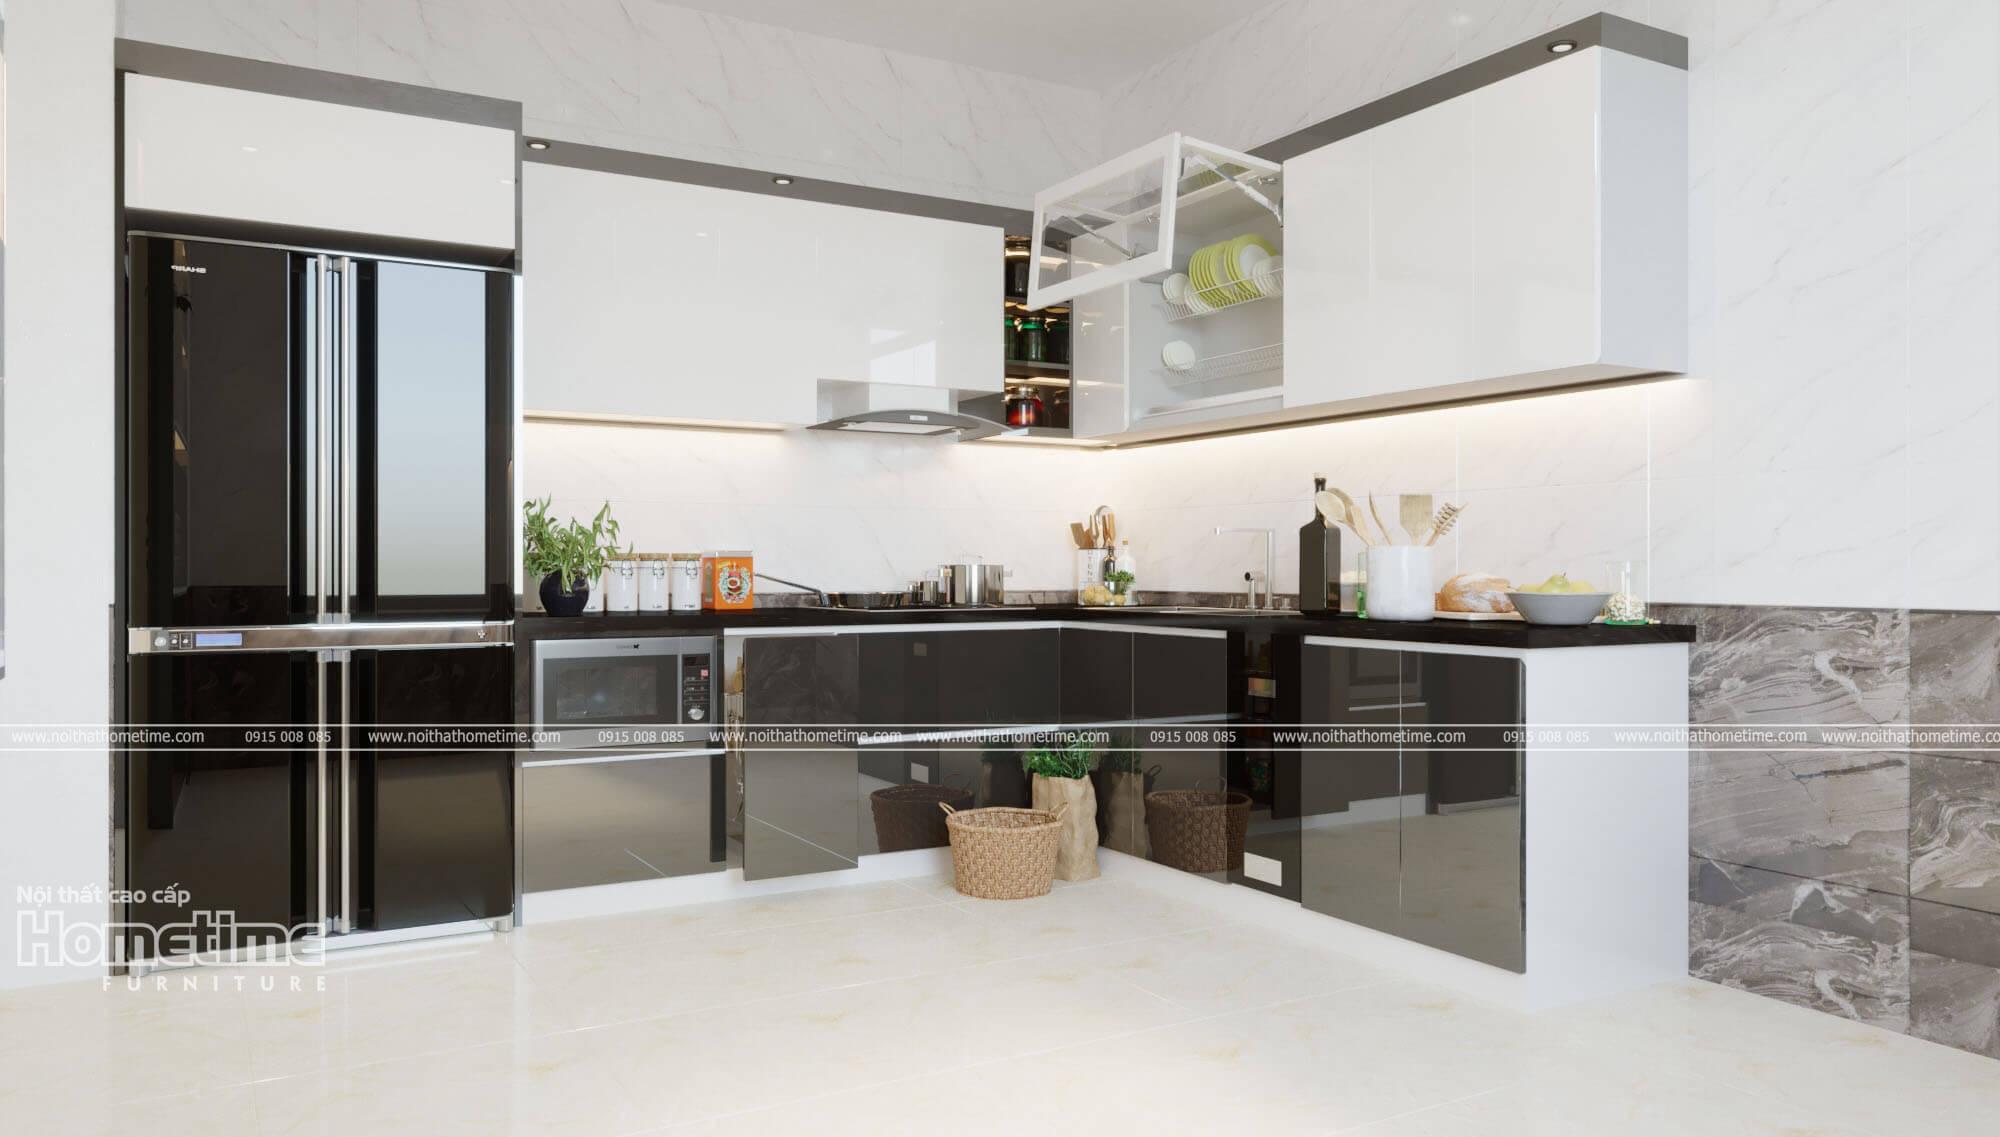 Thiết kế thi công tủ bếp Thái Bình